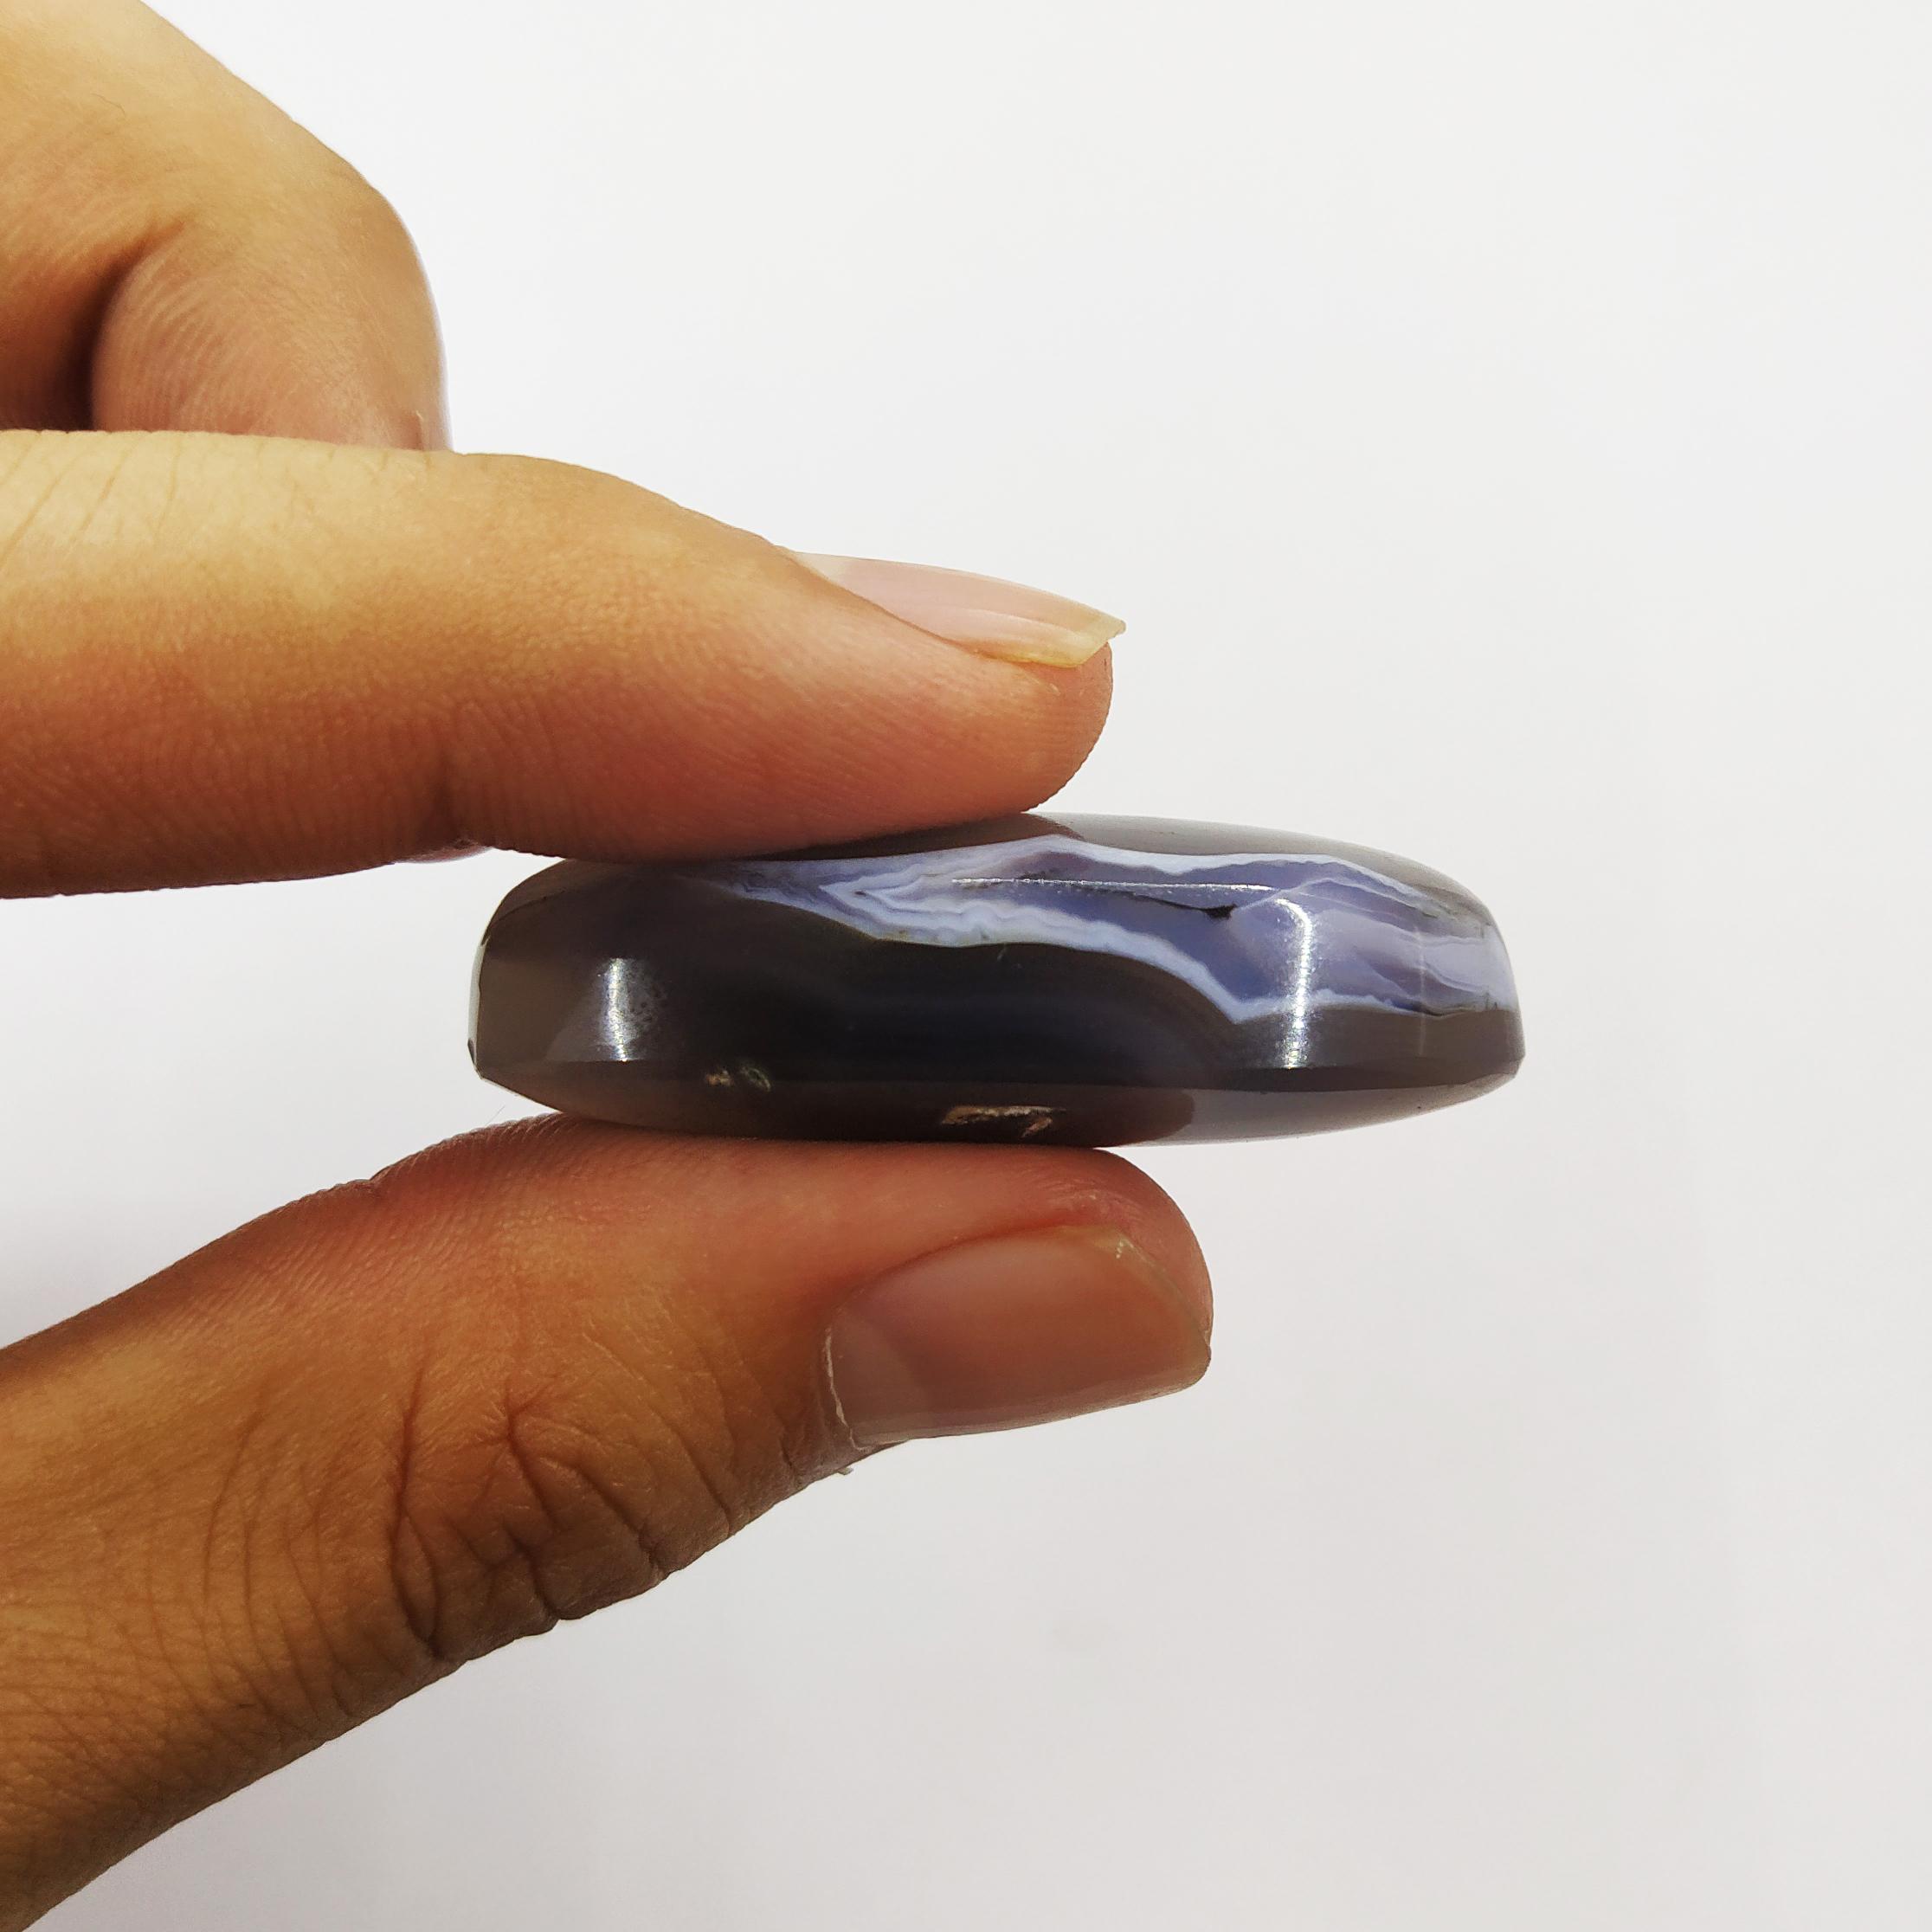 سنگ عقیق شجر سلین کالا مدل e-88